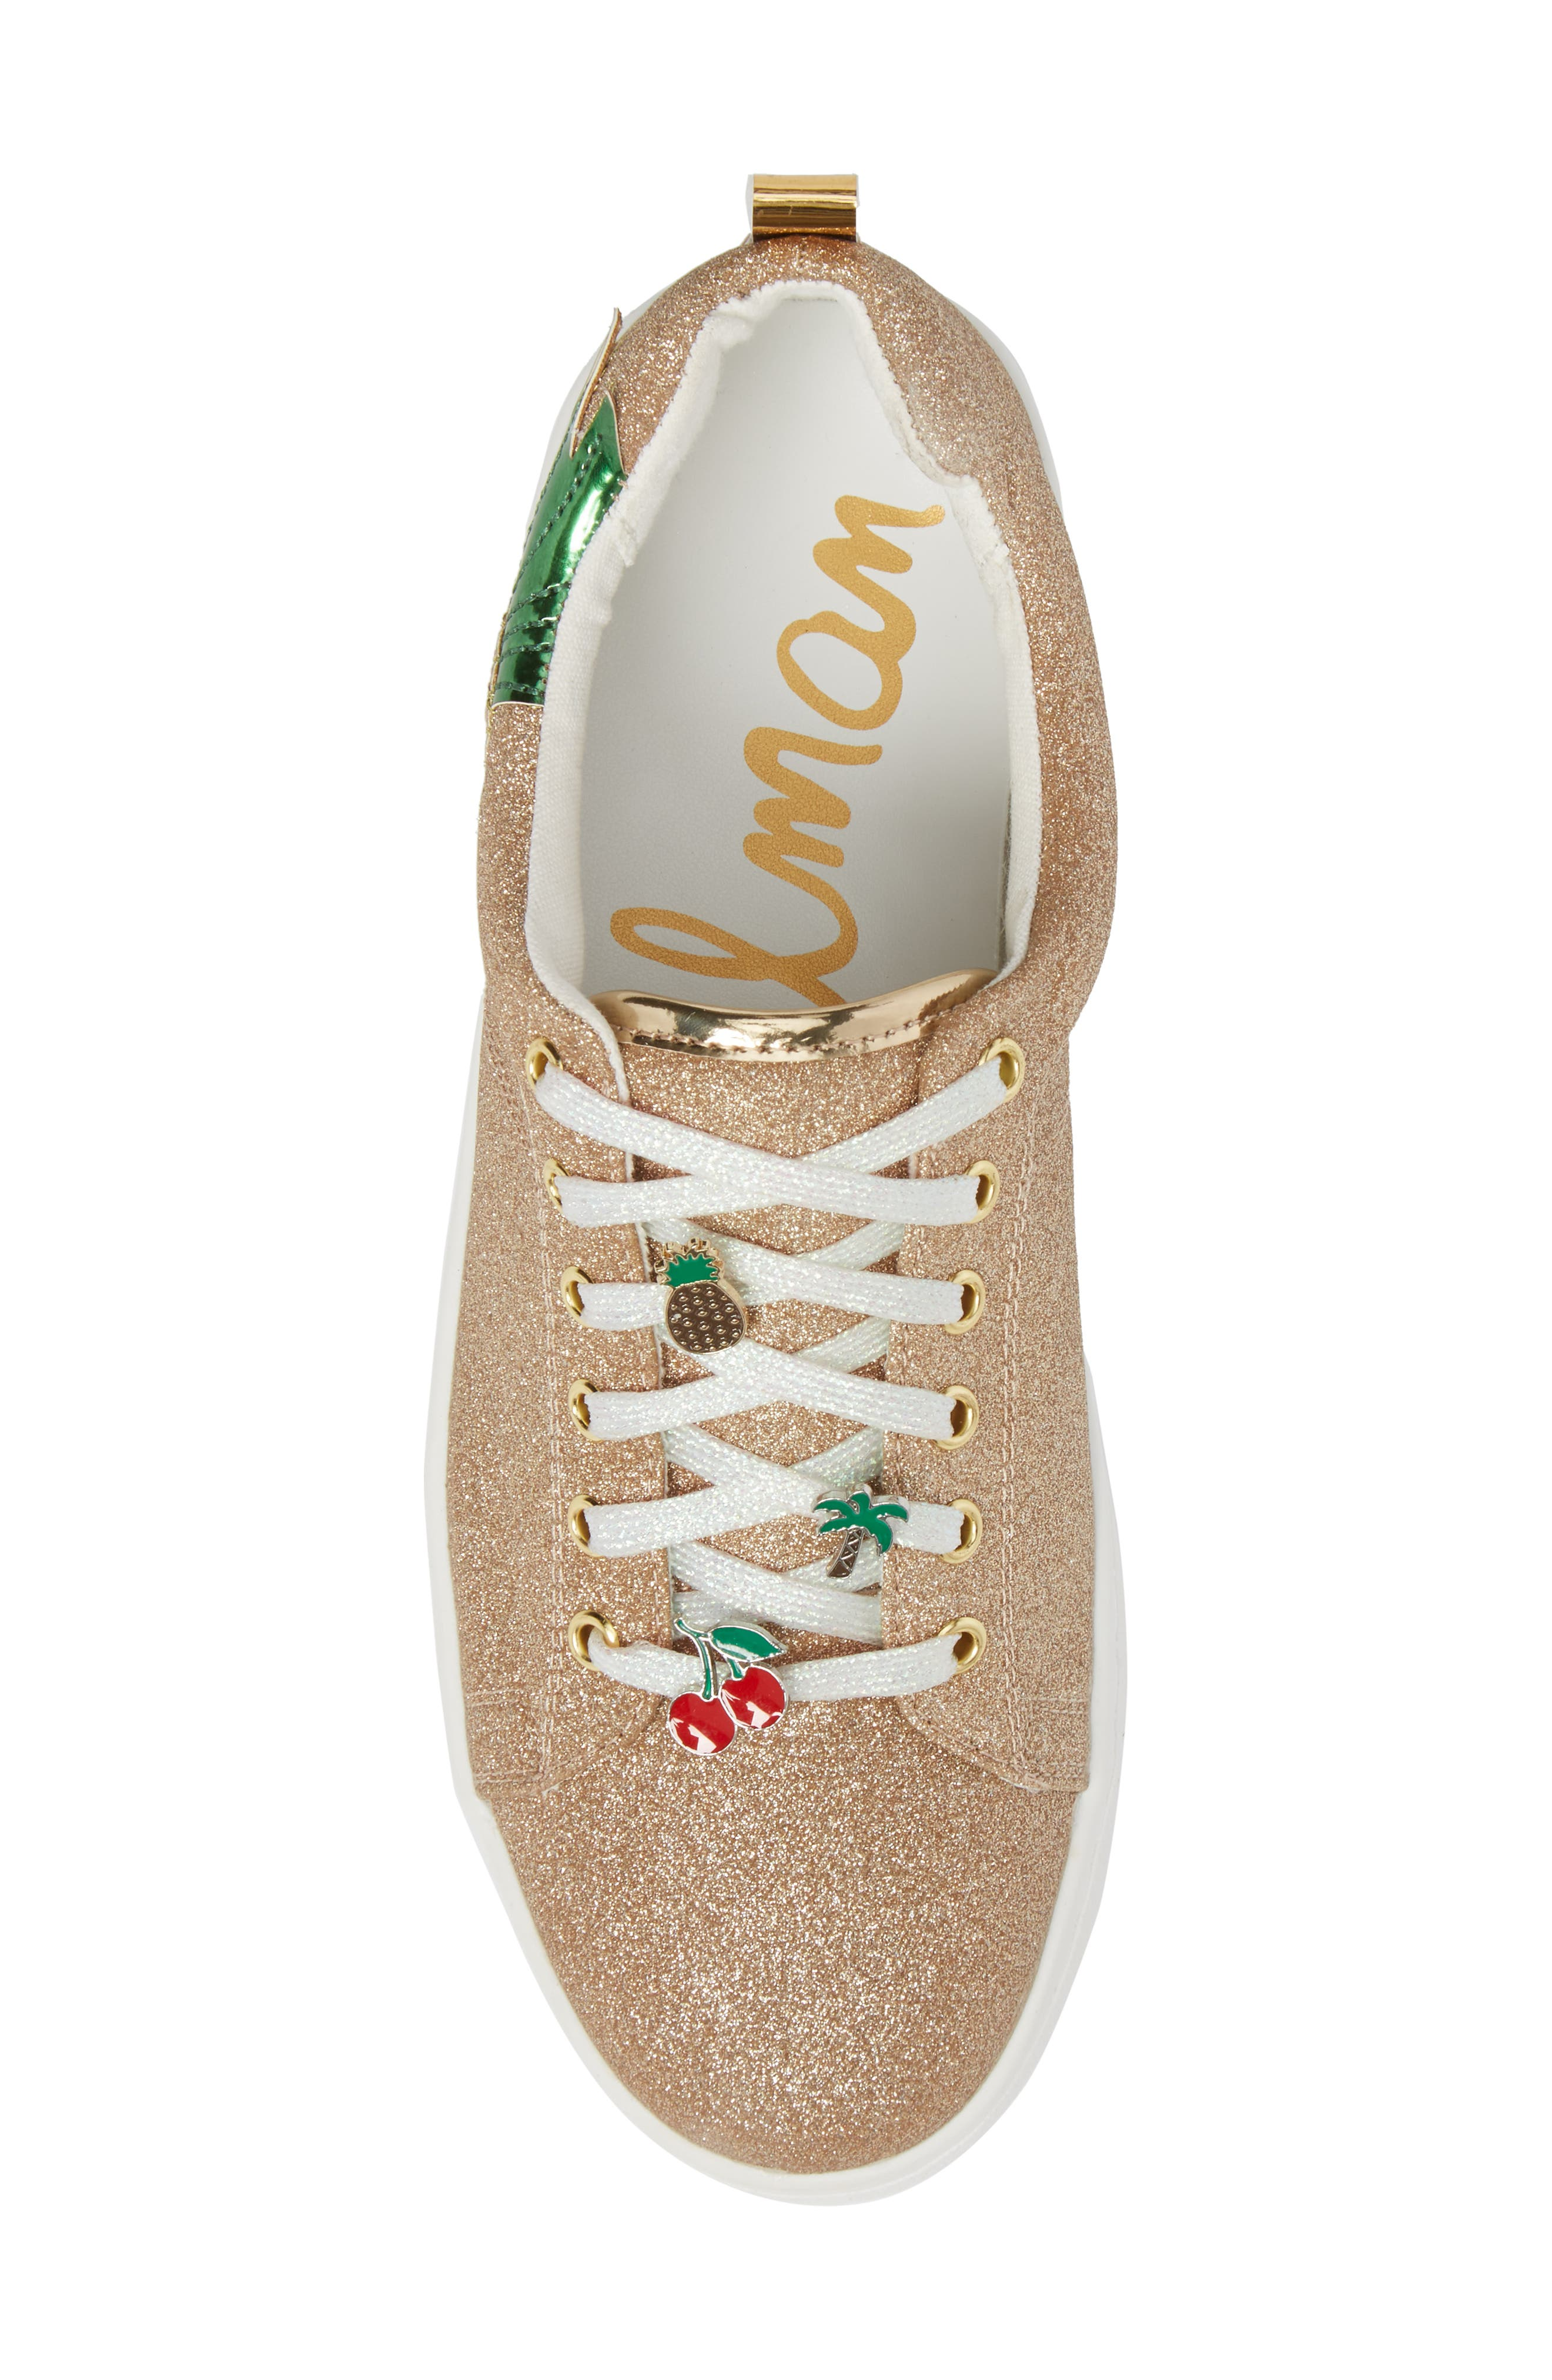 Blane Myth Glitter Sneaker,                             Alternate thumbnail 5, color,                             Golden Pineapple Faux Leather